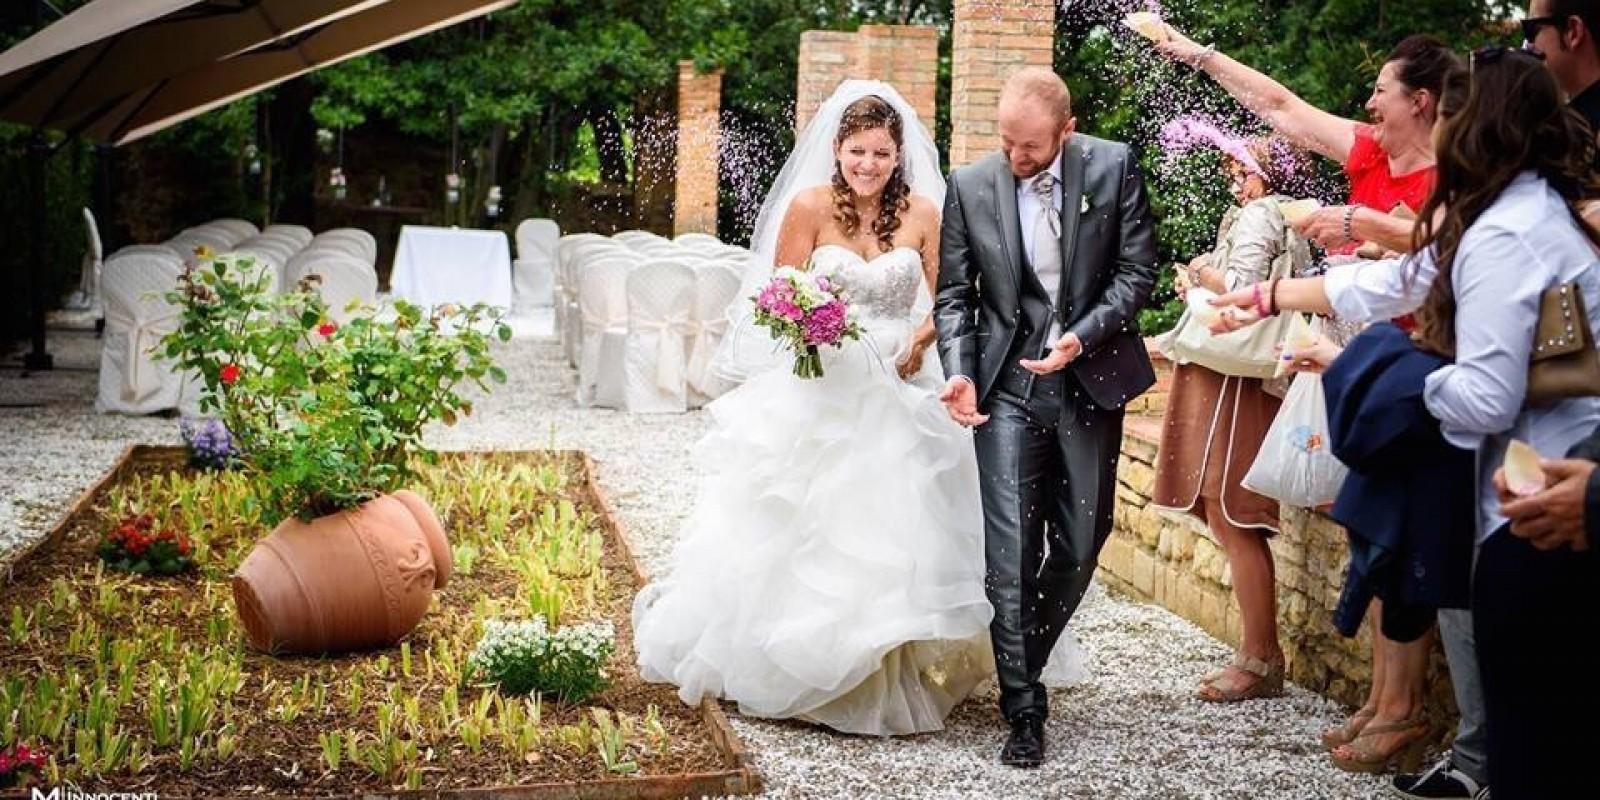 36c815c40237 Le location per un matrimonio da sogno a Firenze e dintorni